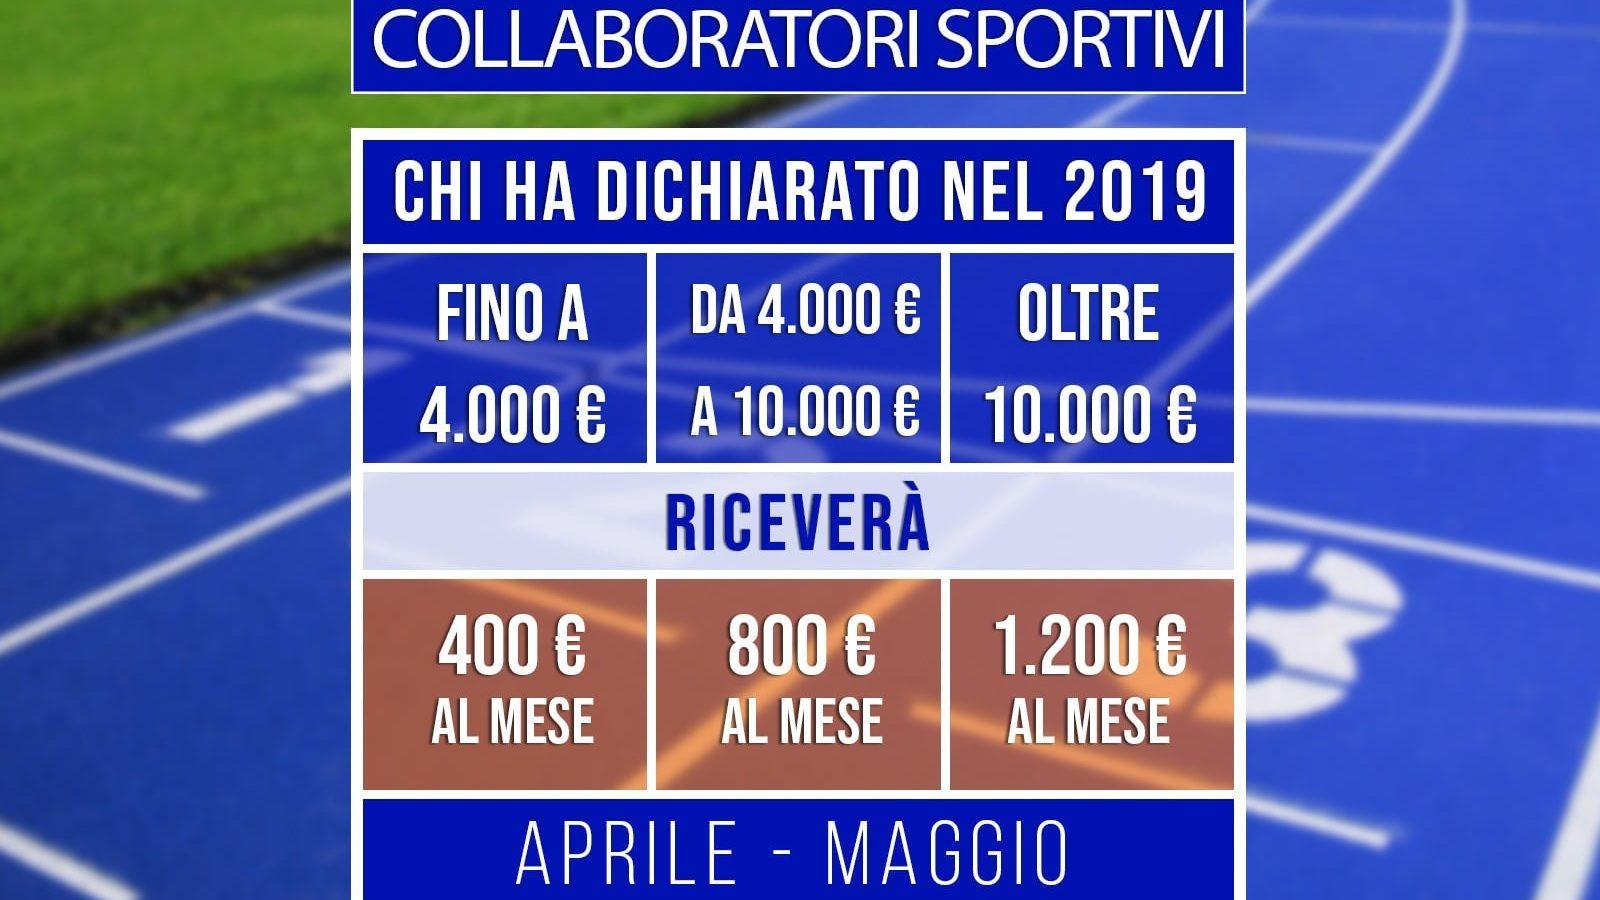 Bonus collaboratori, nessuna riduzione: importi fra 800 e 2.400 euro